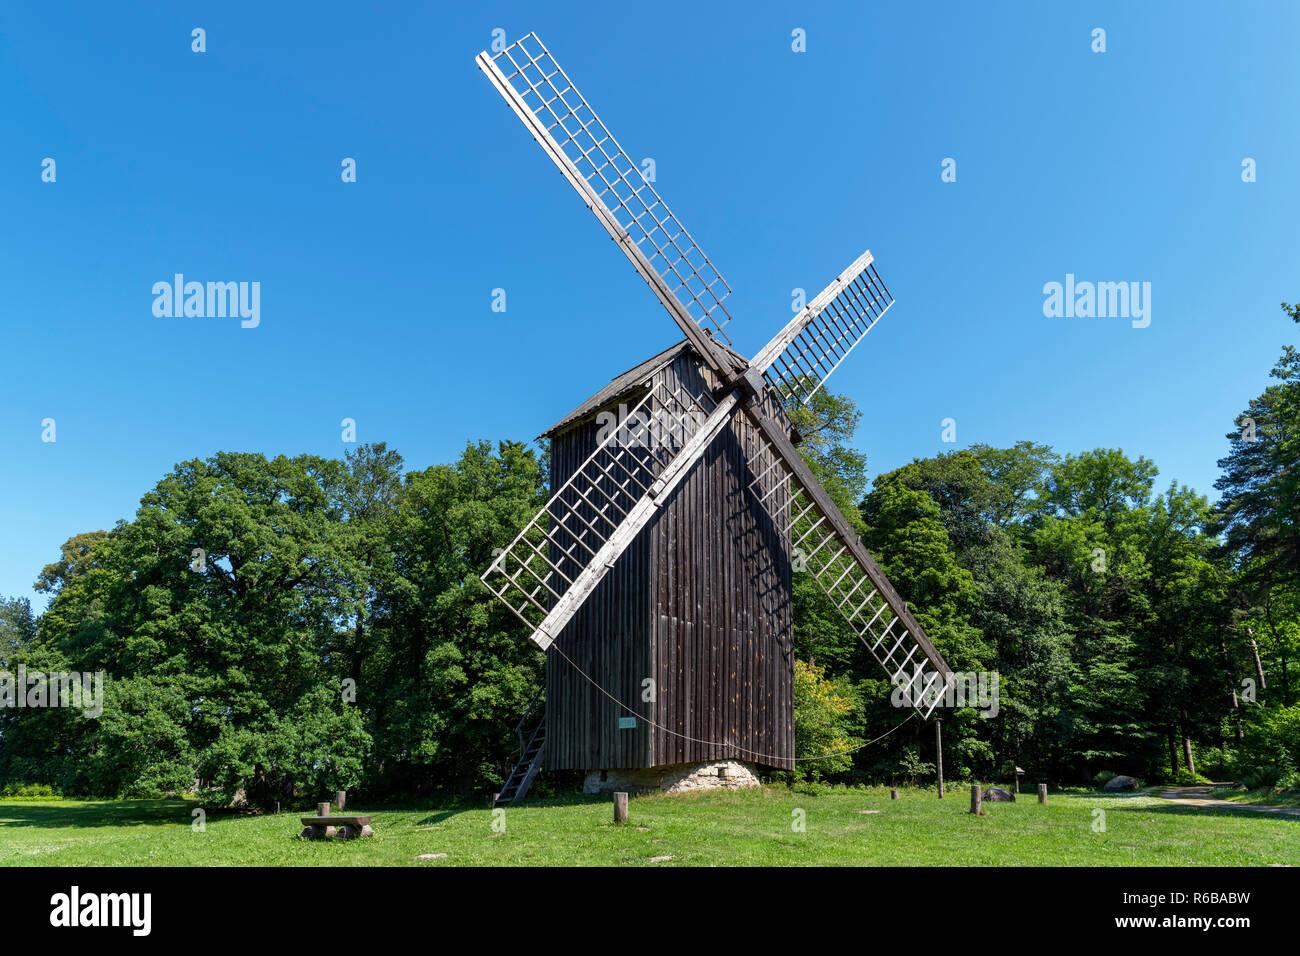 The late 19th century Nätsi windmill from Läänemaa County, Estonian Open Air Museum (Vabaõhumuuseum), Tallinn, Estonia - Stock Image